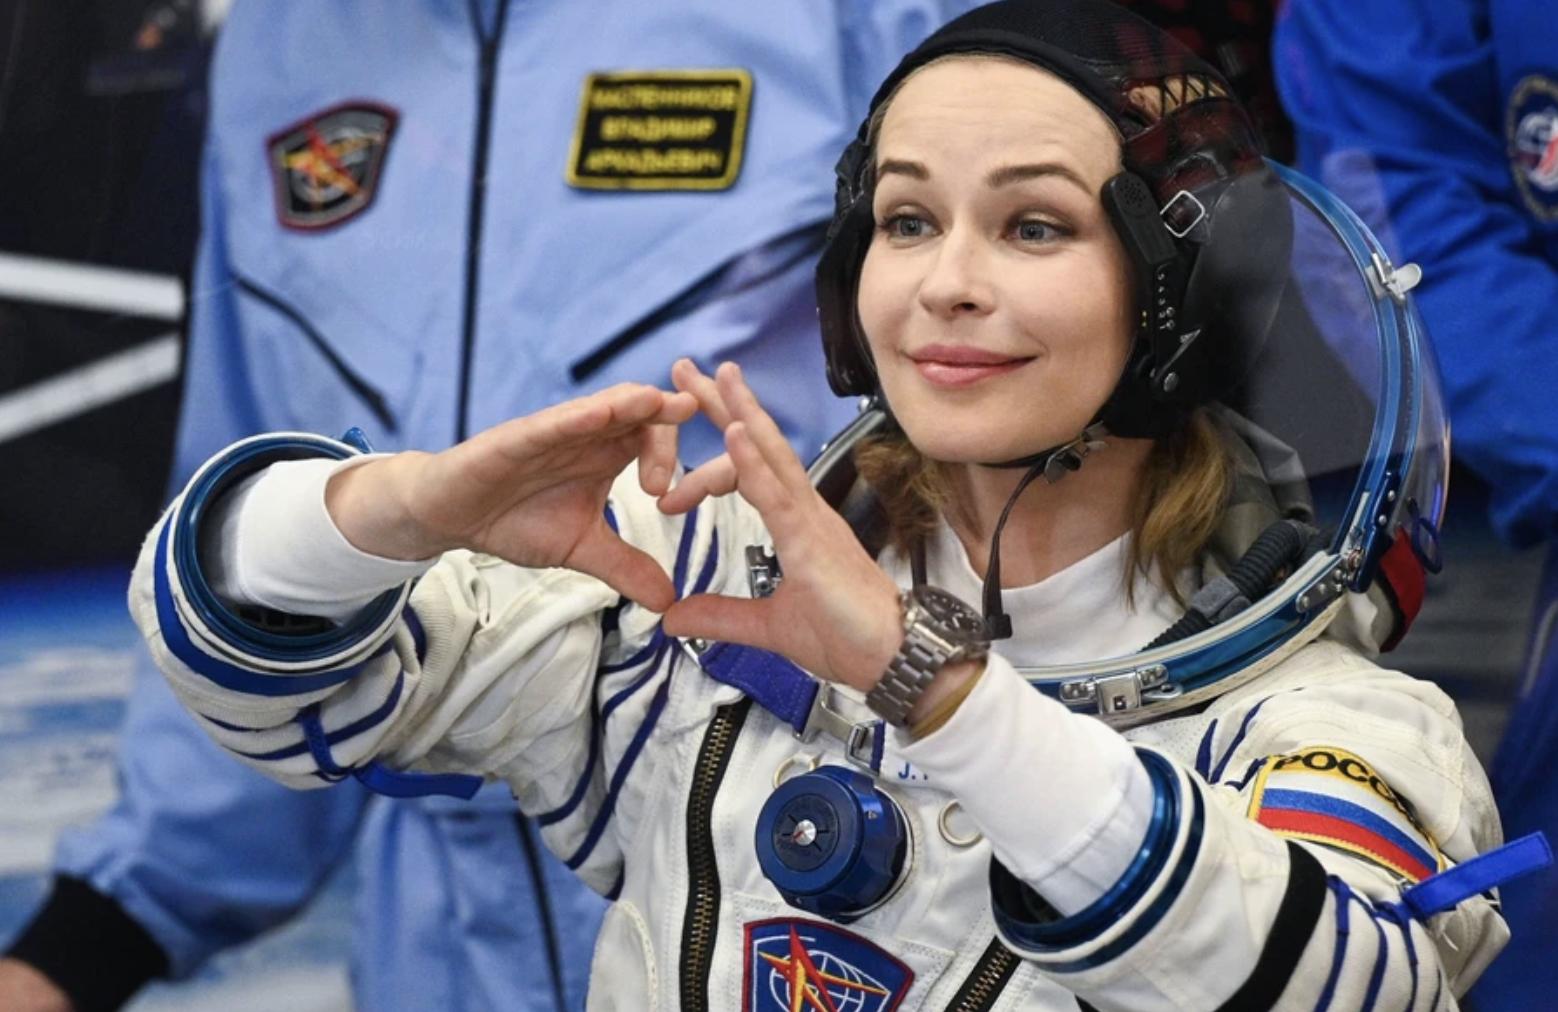 Российская актриса Юлия Пересильд и режиссер Клим Шипенко успешно отправились в космос на съемки нового фильма - фото №2